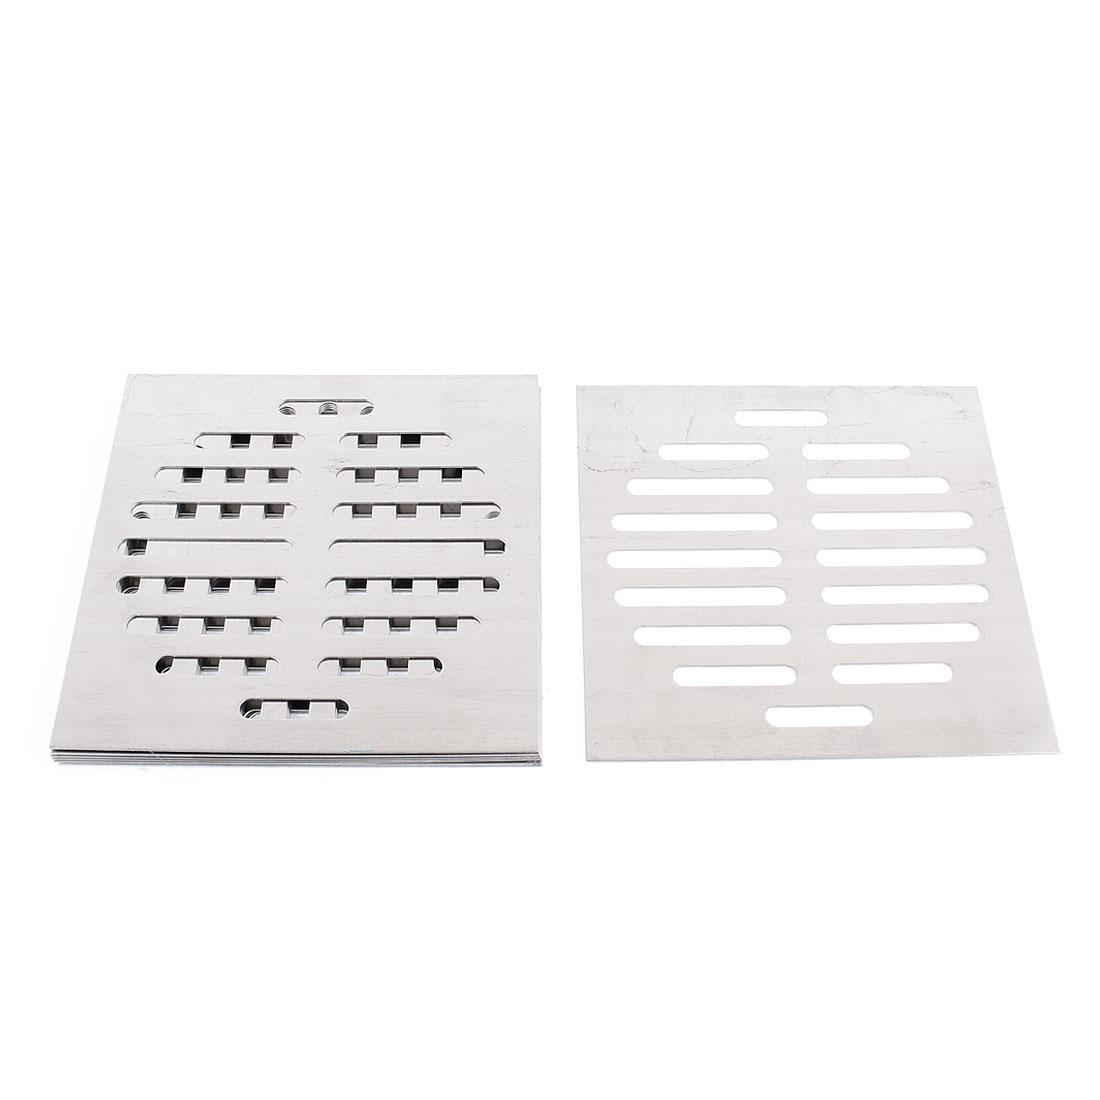 Kitchen Bathroom Square Floor Drain Drainer Cover 15cm x 15cm 8Pcs